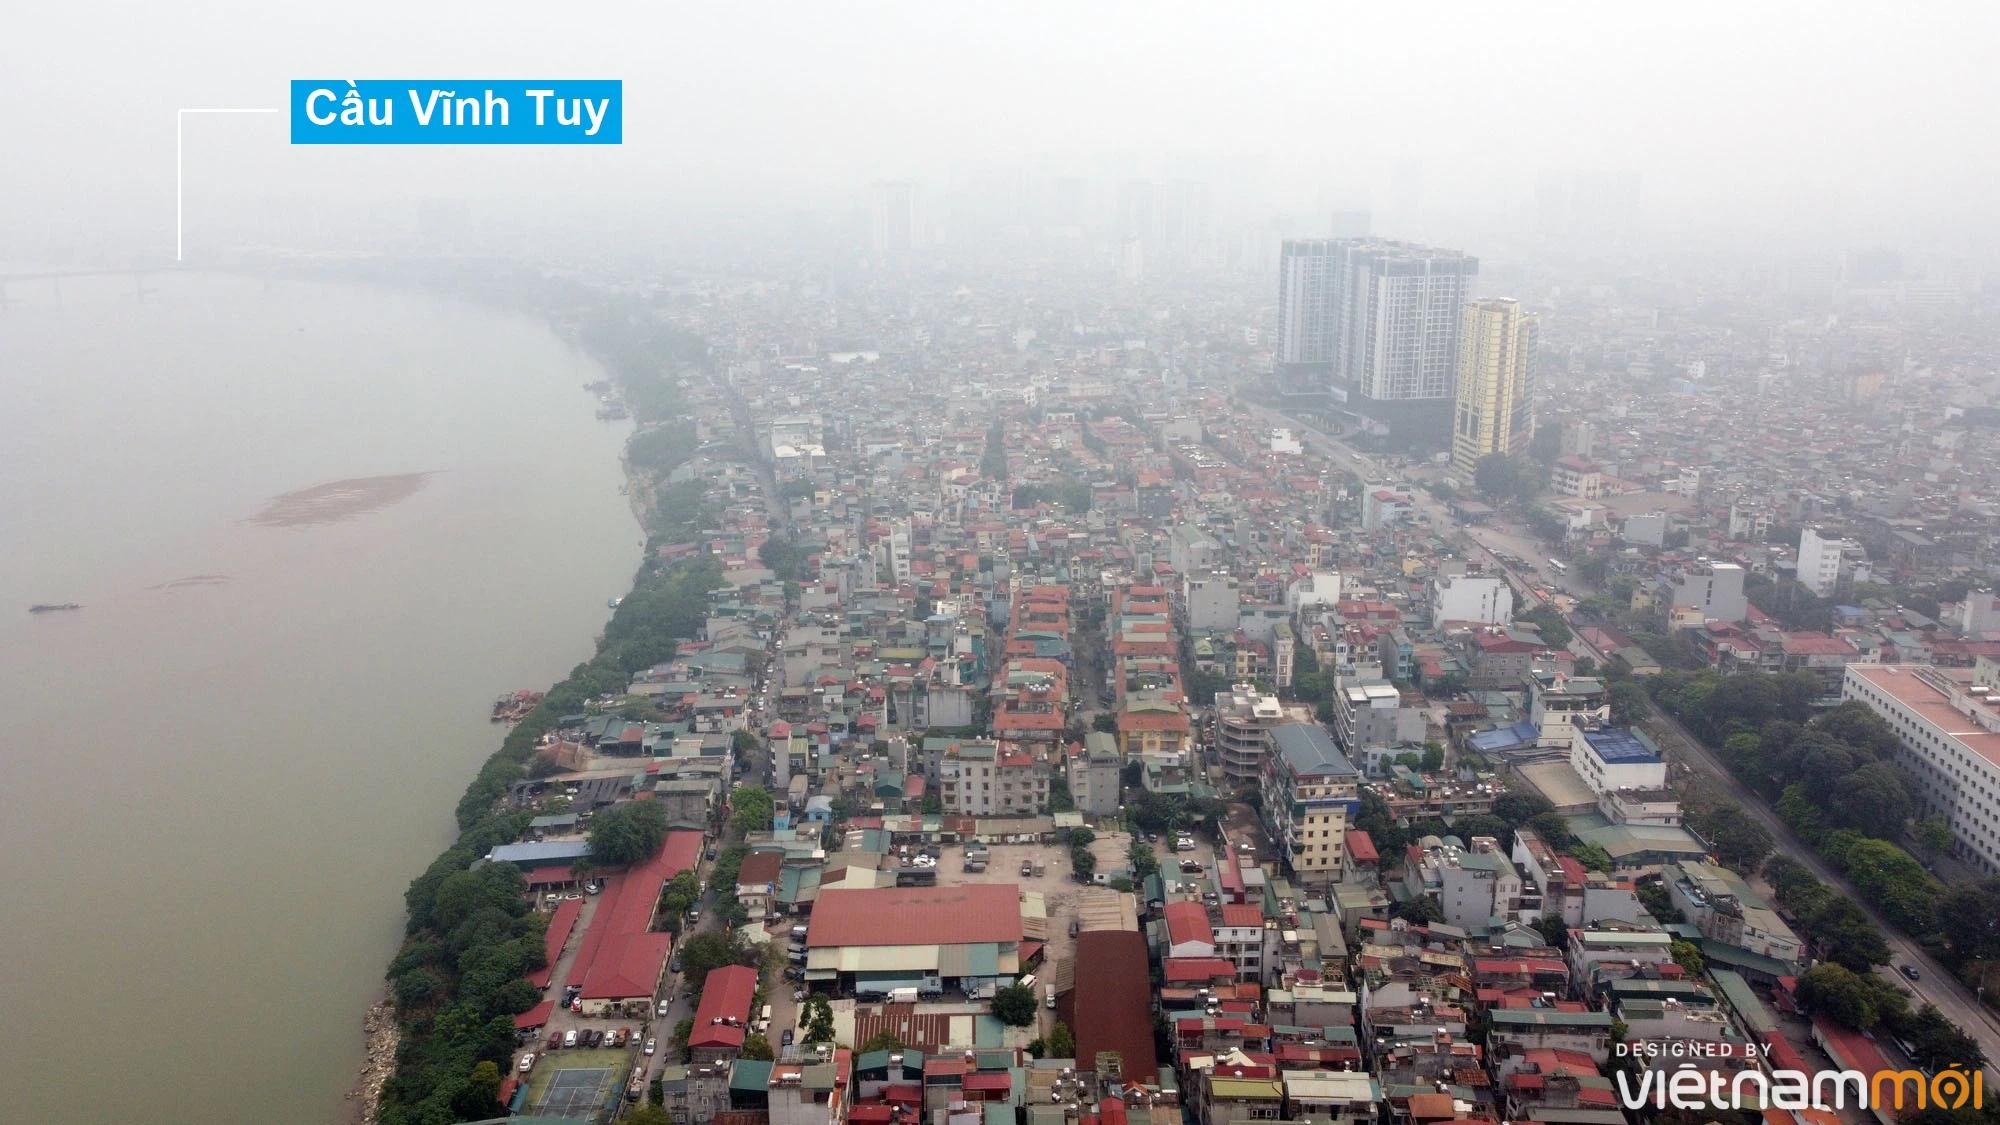 Toàn cảnh hiện trạng Phân khu đô thị sông Hồng trên địa bàn quận Hai Bà Trưng - Ảnh 3.